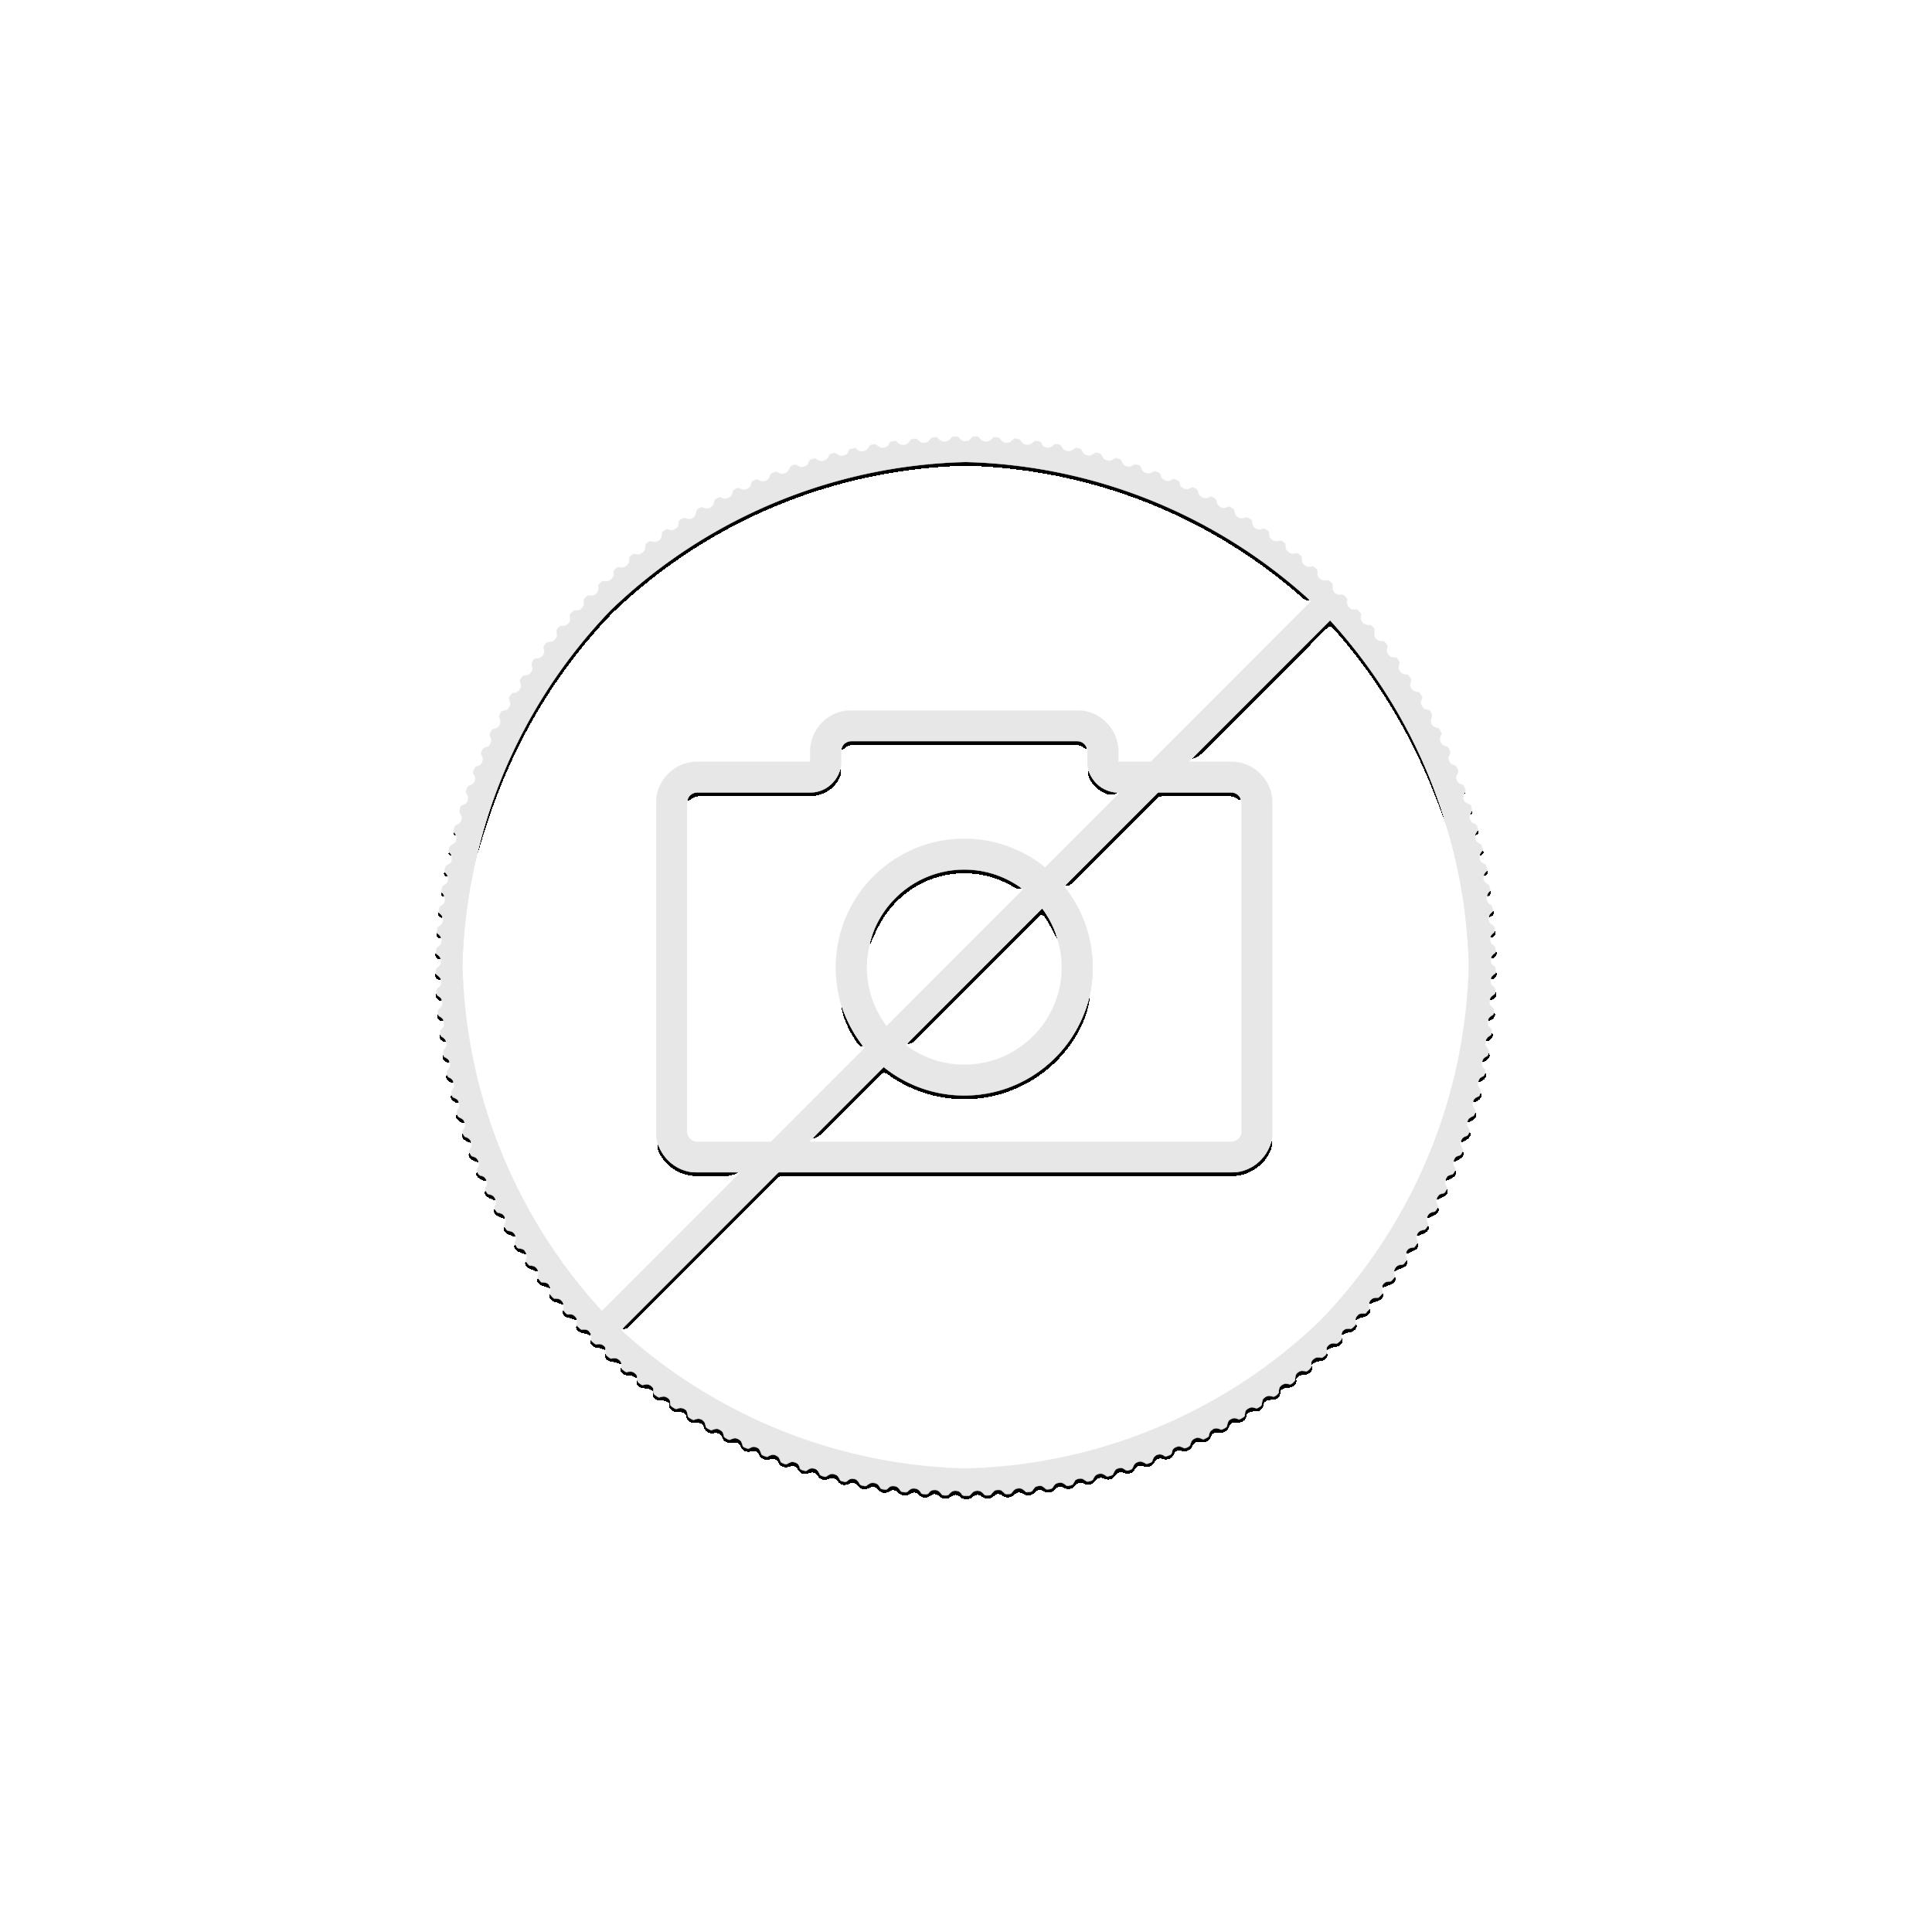 3-delige zilveren munten set Lunar jaar van de tijger 2022 Proof